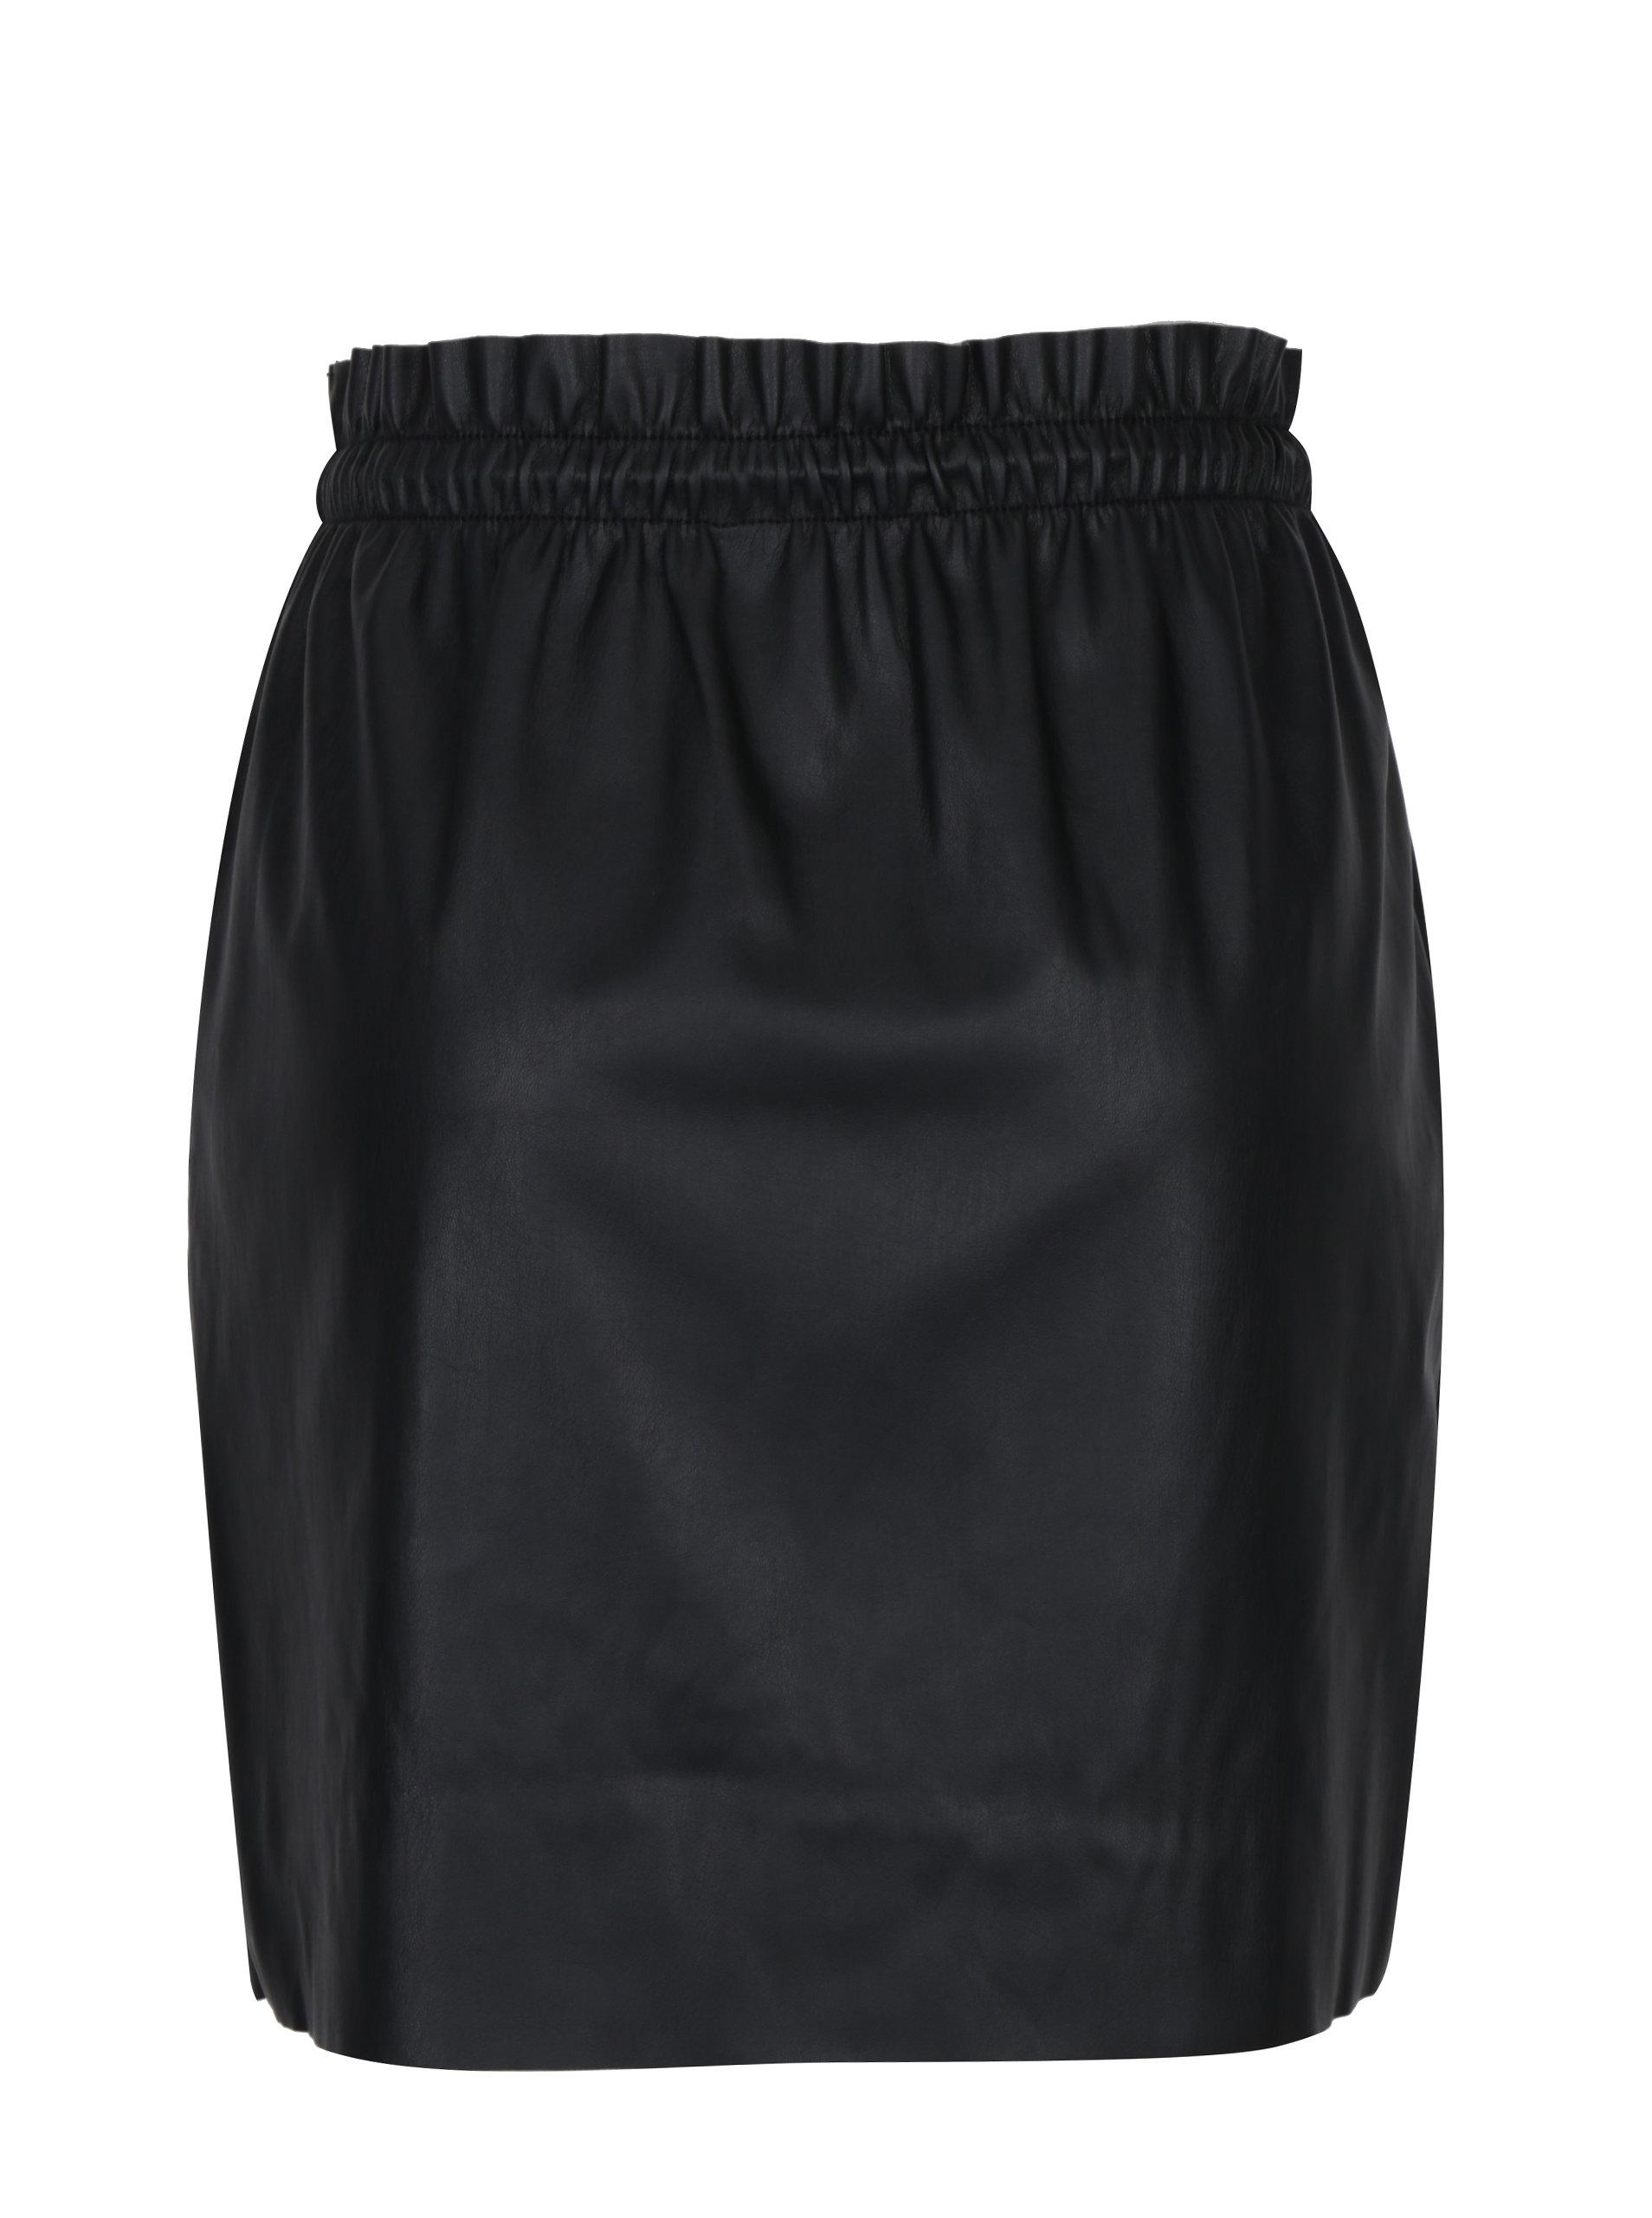 b5db26dcce92 Černá koženková sukně s pružným pasem VERO MODA Riley ...